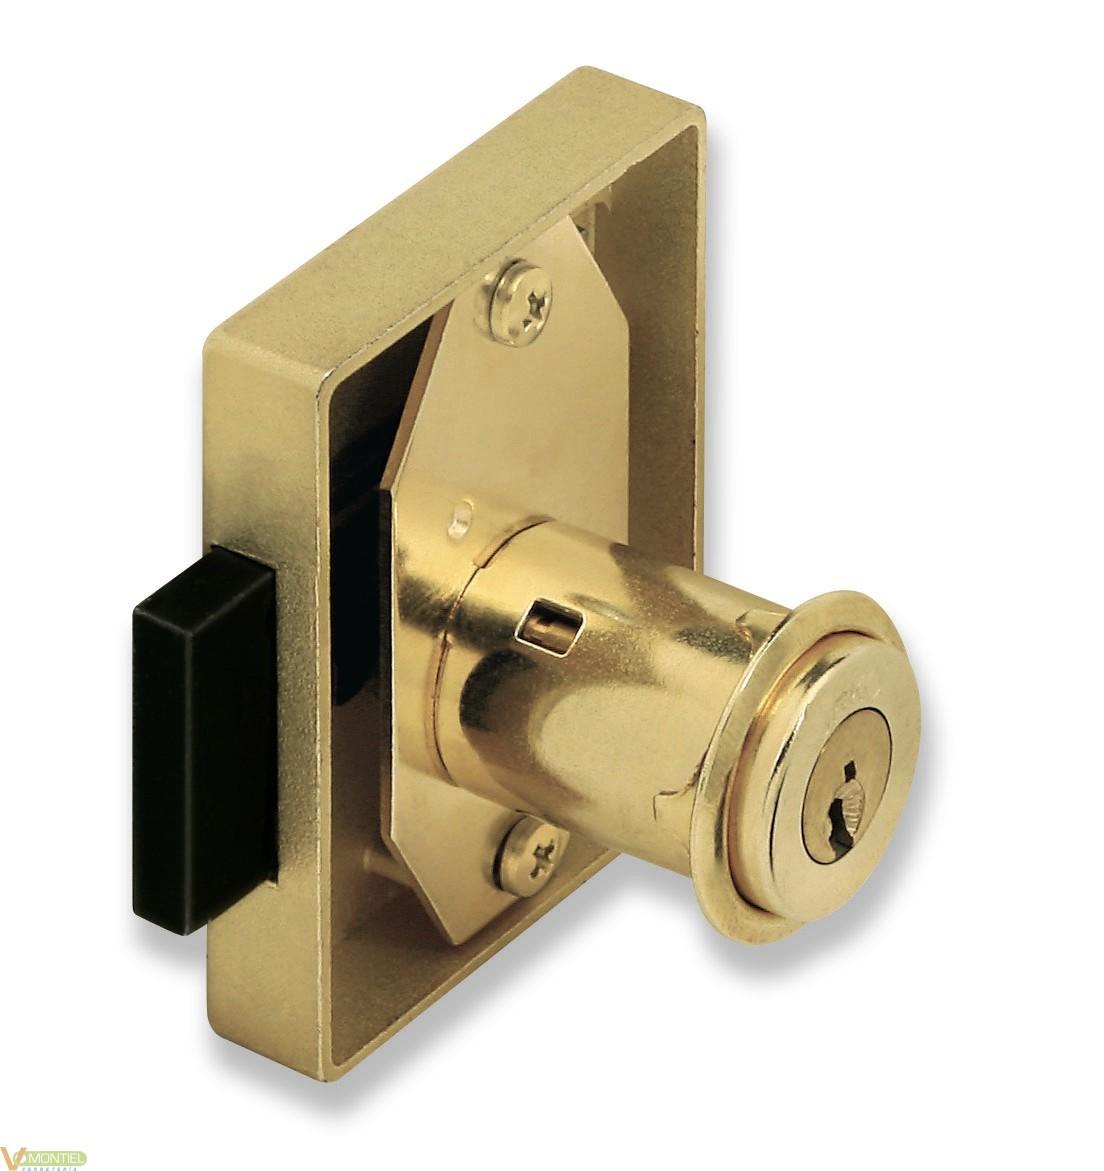 Cerradura mueb entrada 30mm 23-0